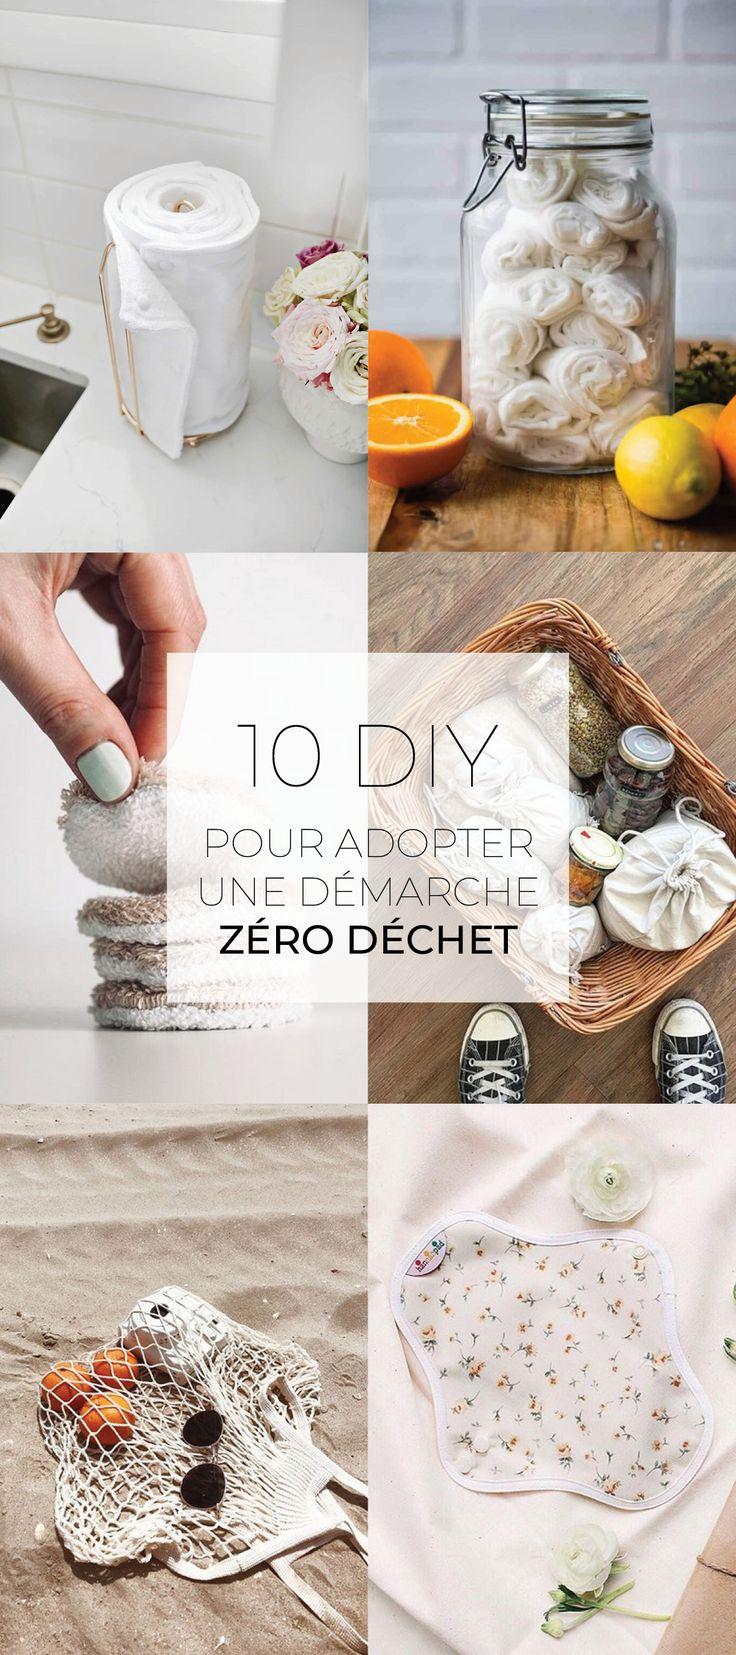 10 DIY pour adopter une démarche zéro déchet | Zéro déchet, Déchets, Fait maison